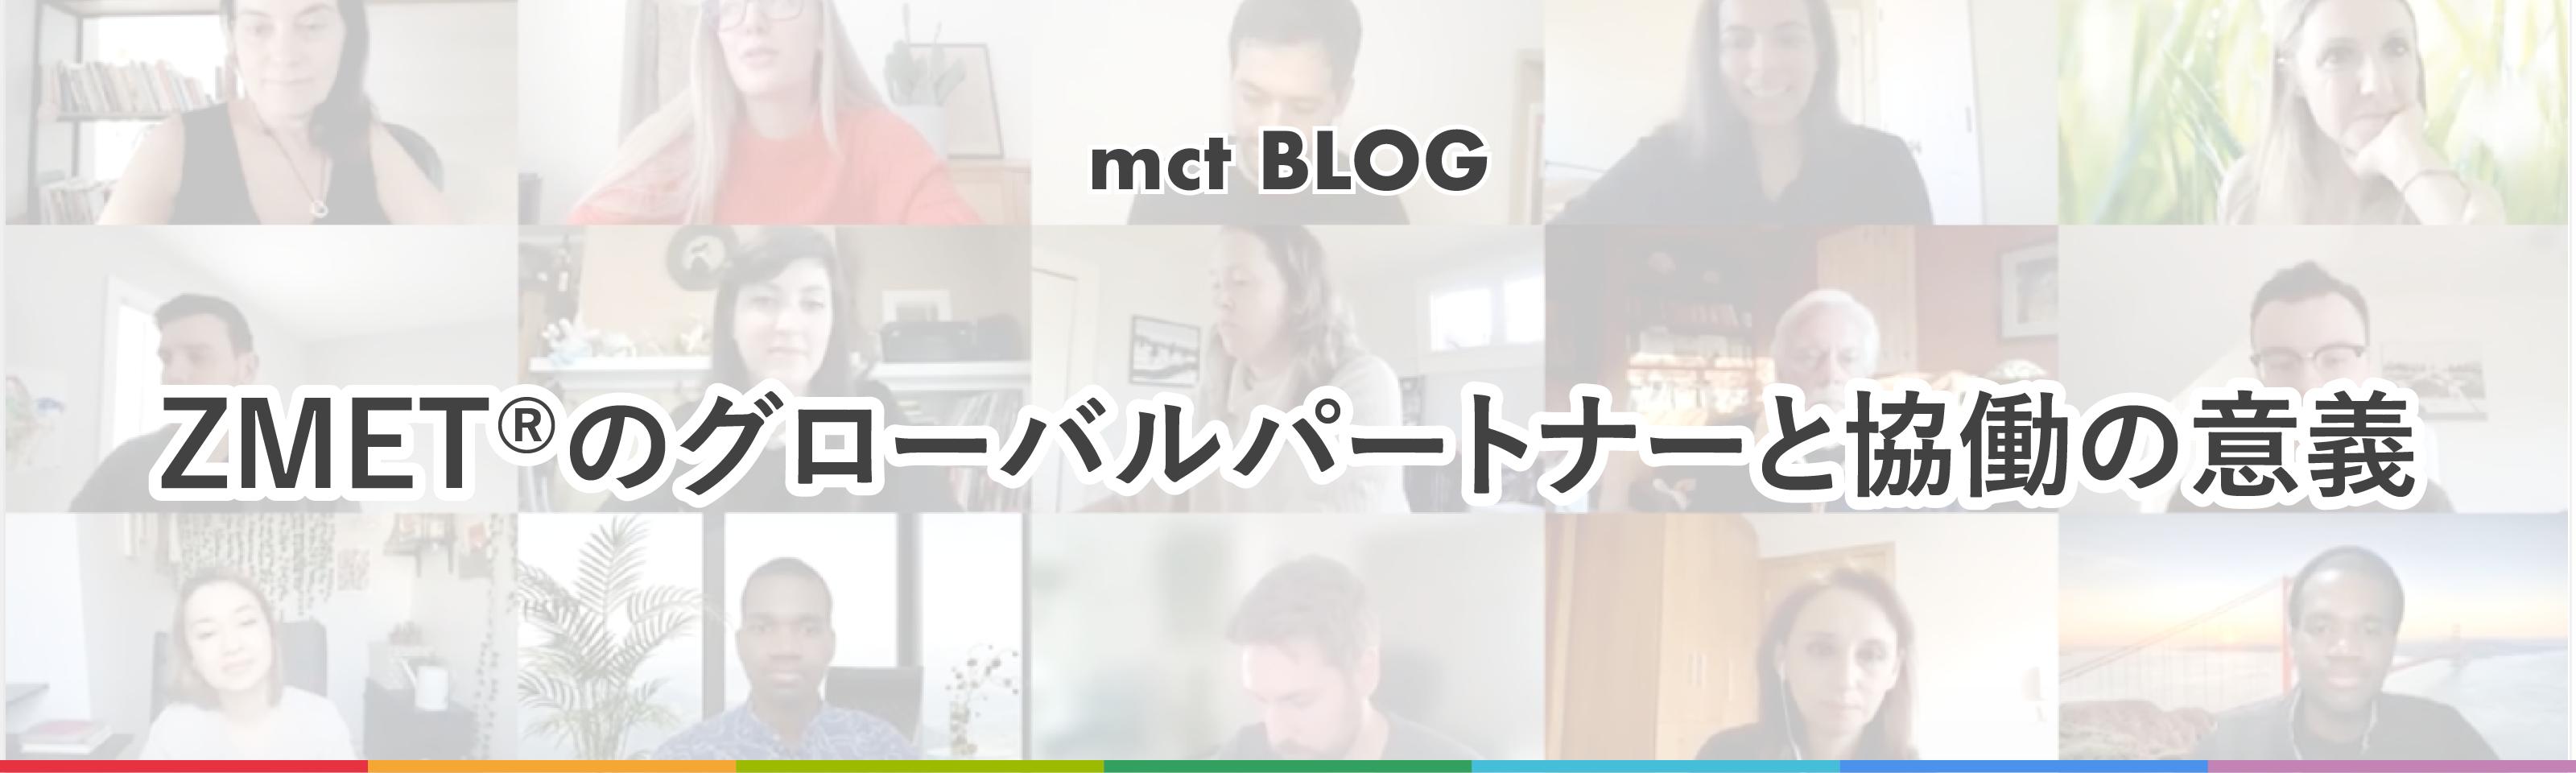 Blog|ZMET®のグローバルパートナーと協働の意義